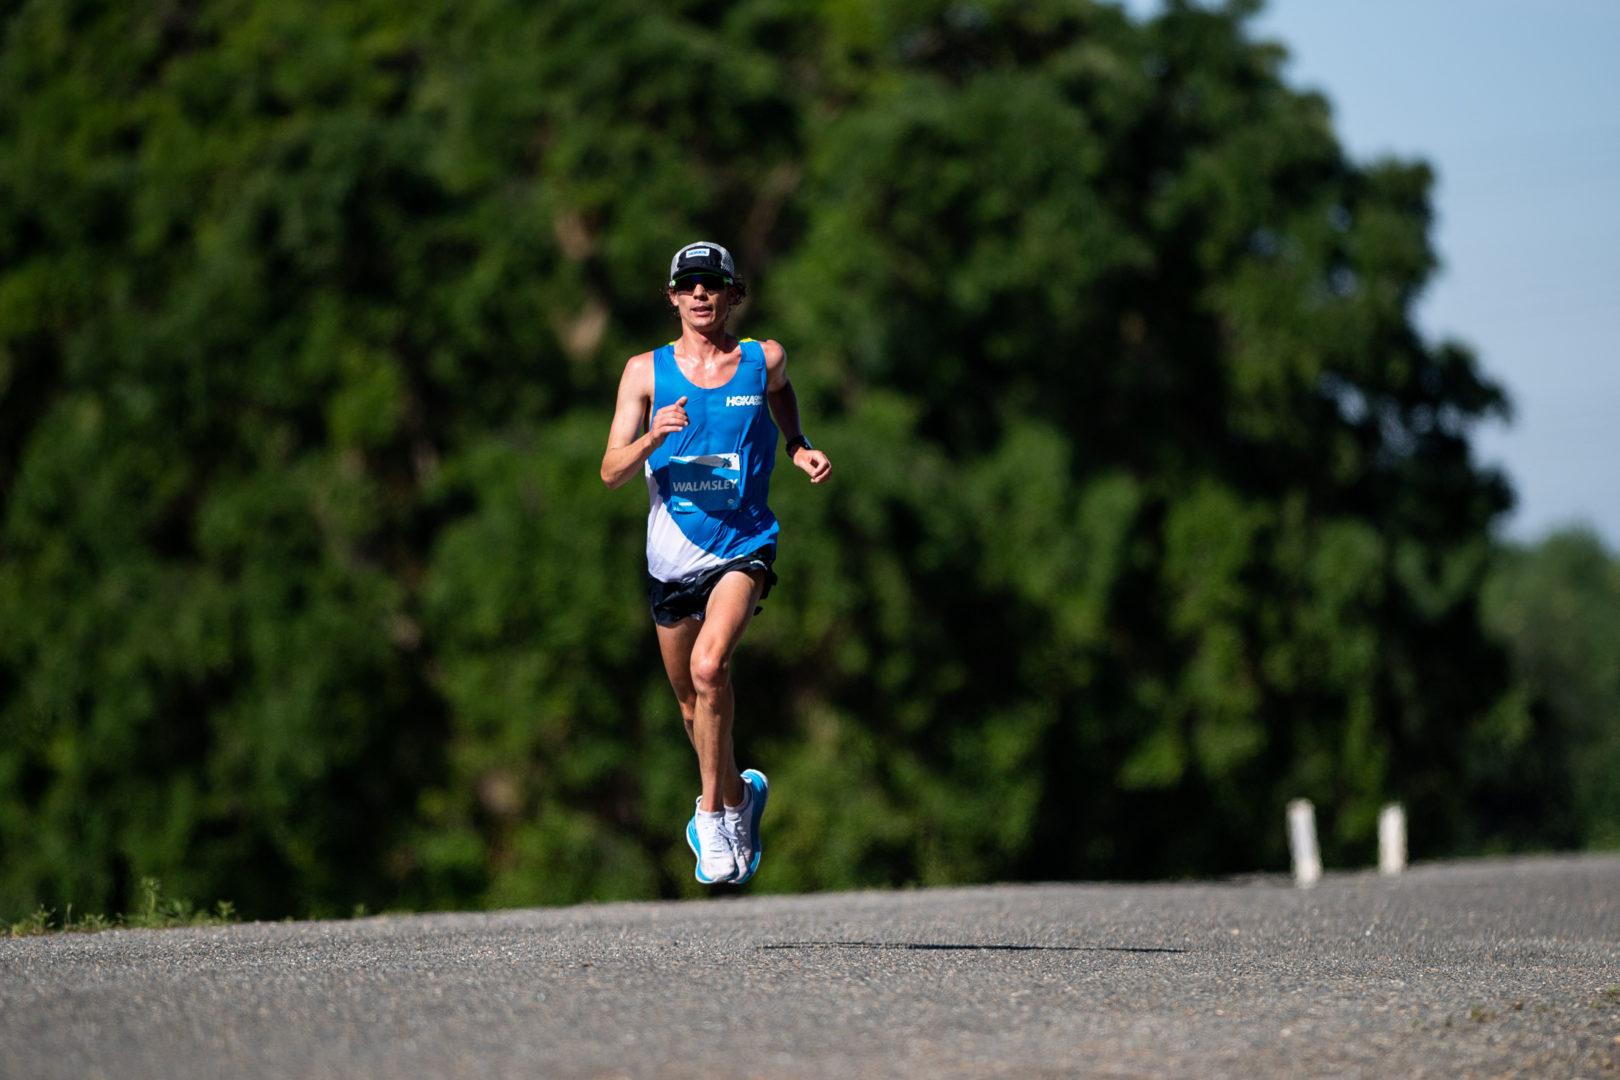 Flugphase beim US-amerikanischen Ultrarunner Jim Walmsley während seines Weltrekordlaufs über 80 Kilometer im Mai 2019 in den USA (Fotocredit: HOKA ONE ONE)